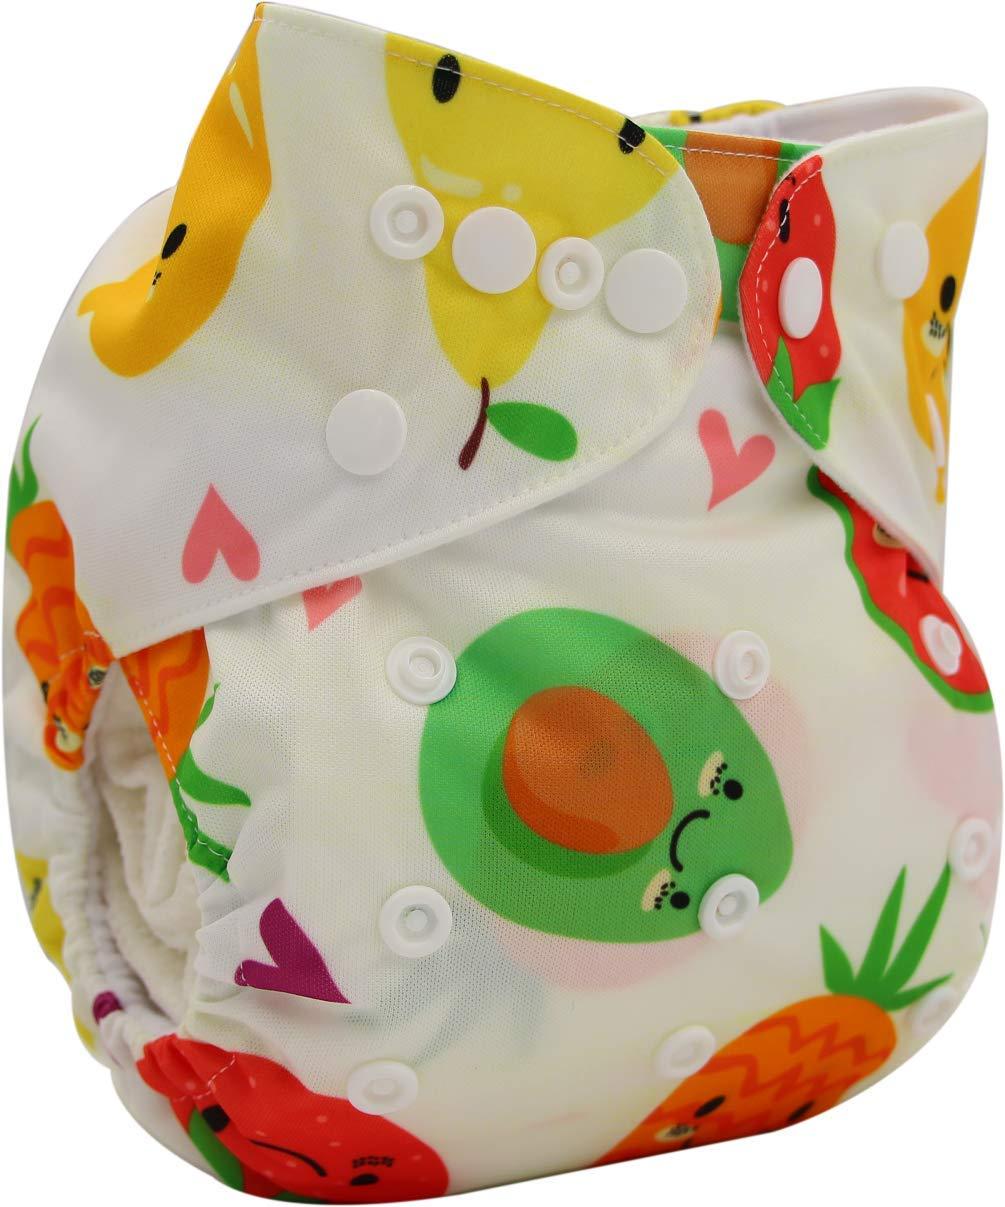 Ohbabyka verstellbare unisex Stoffwindel f/ür Babys mit 1 St/ück Verloureinlage und Tasche f/ür Einsatz